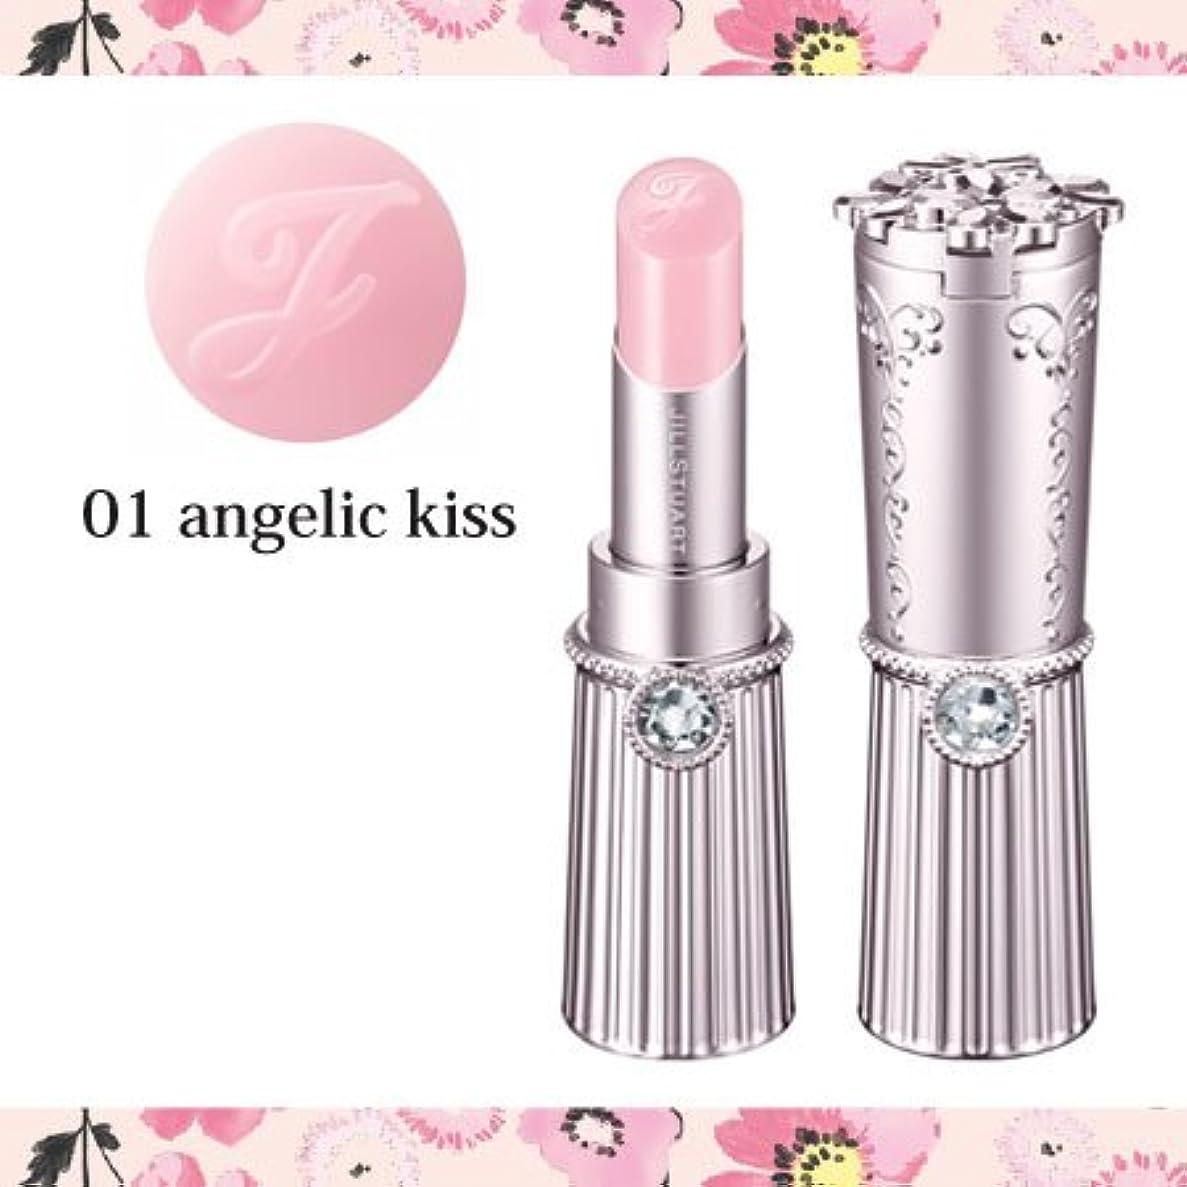 絶縁する健康経験ジルスチュアート リップグロウ バーム #01 angelic kiss -JILLSTUART-